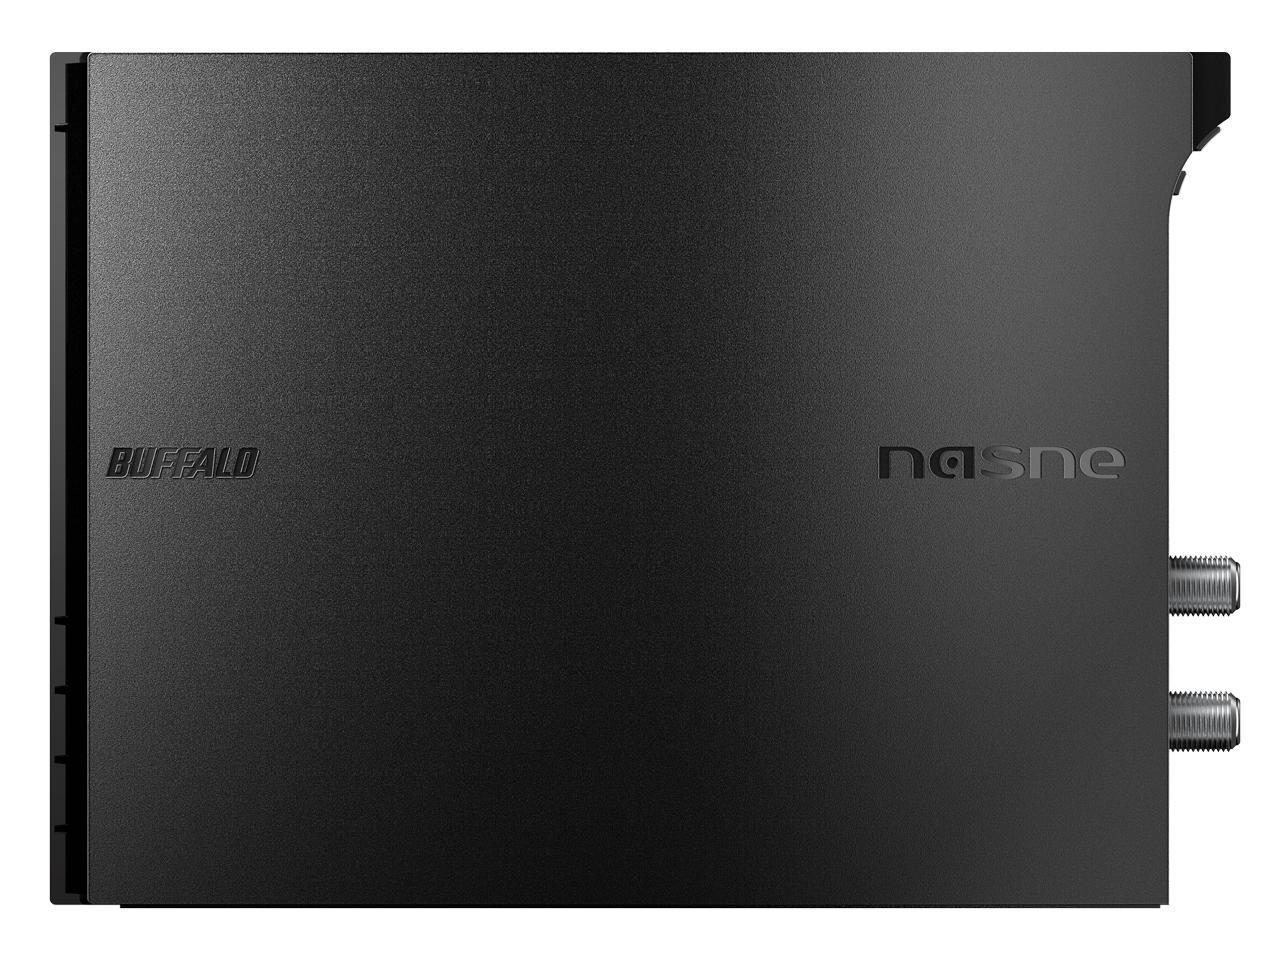 『本体』 nasne(ナスネ) NS-N100 の製品画像